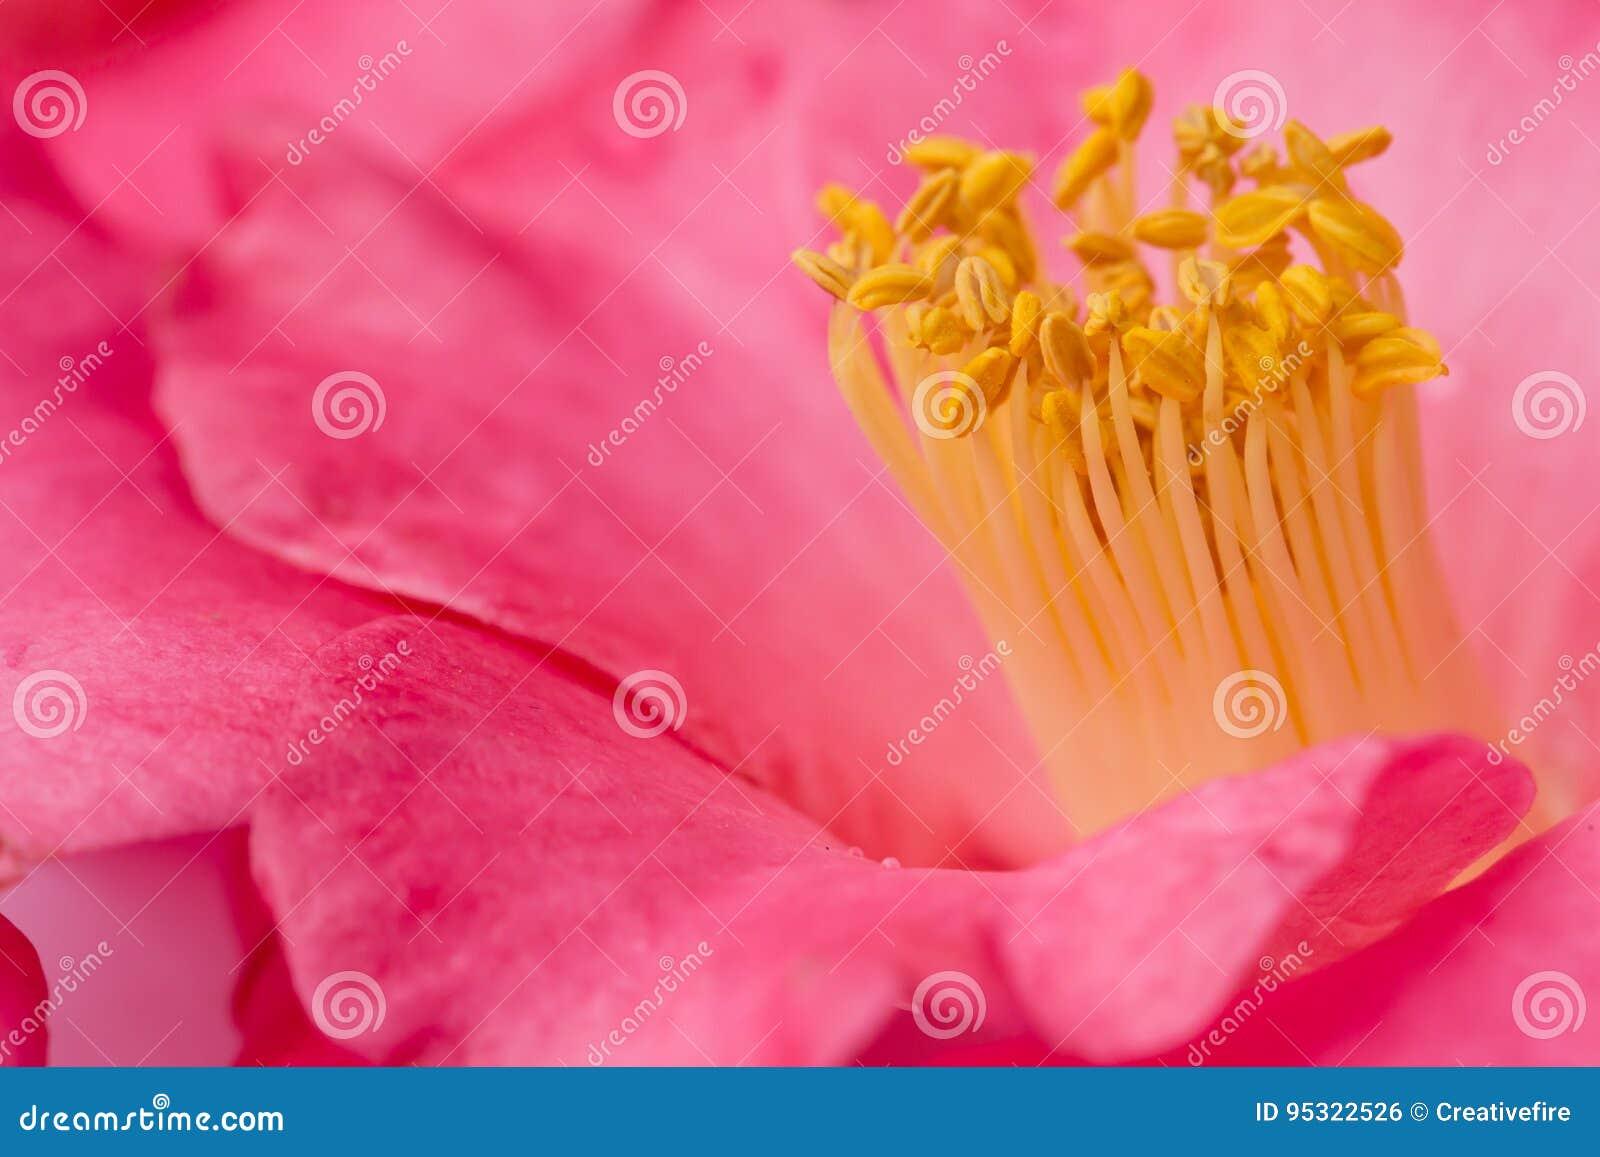 Rosa kameliablomma - makro - närbild med gul ståndare